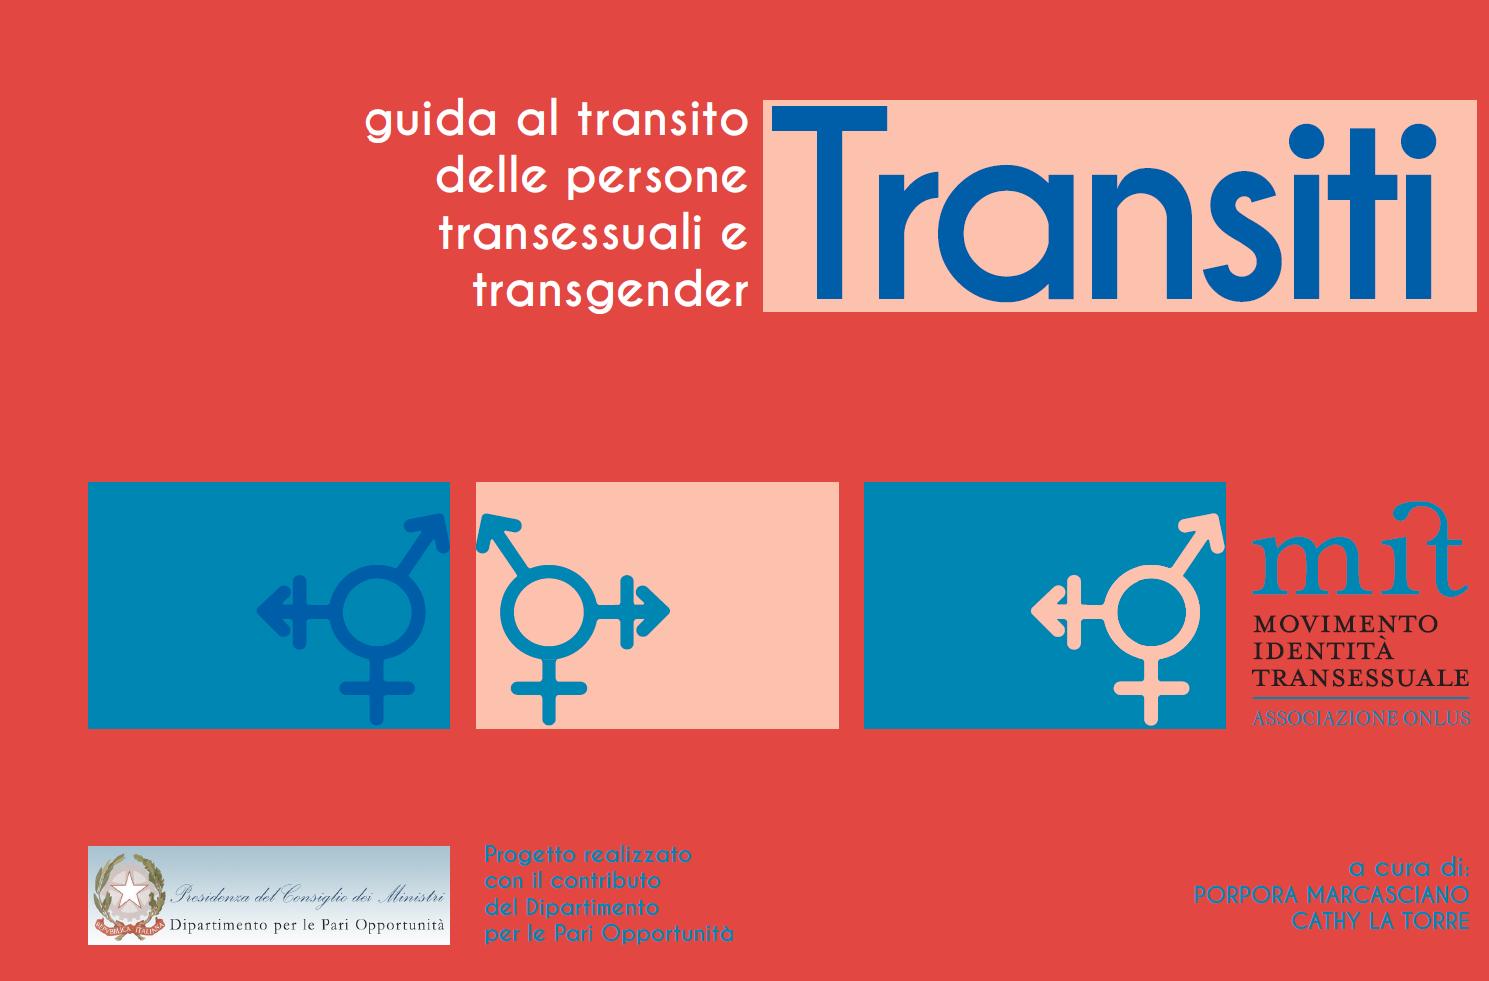 guida mit - movimento identità sessuale